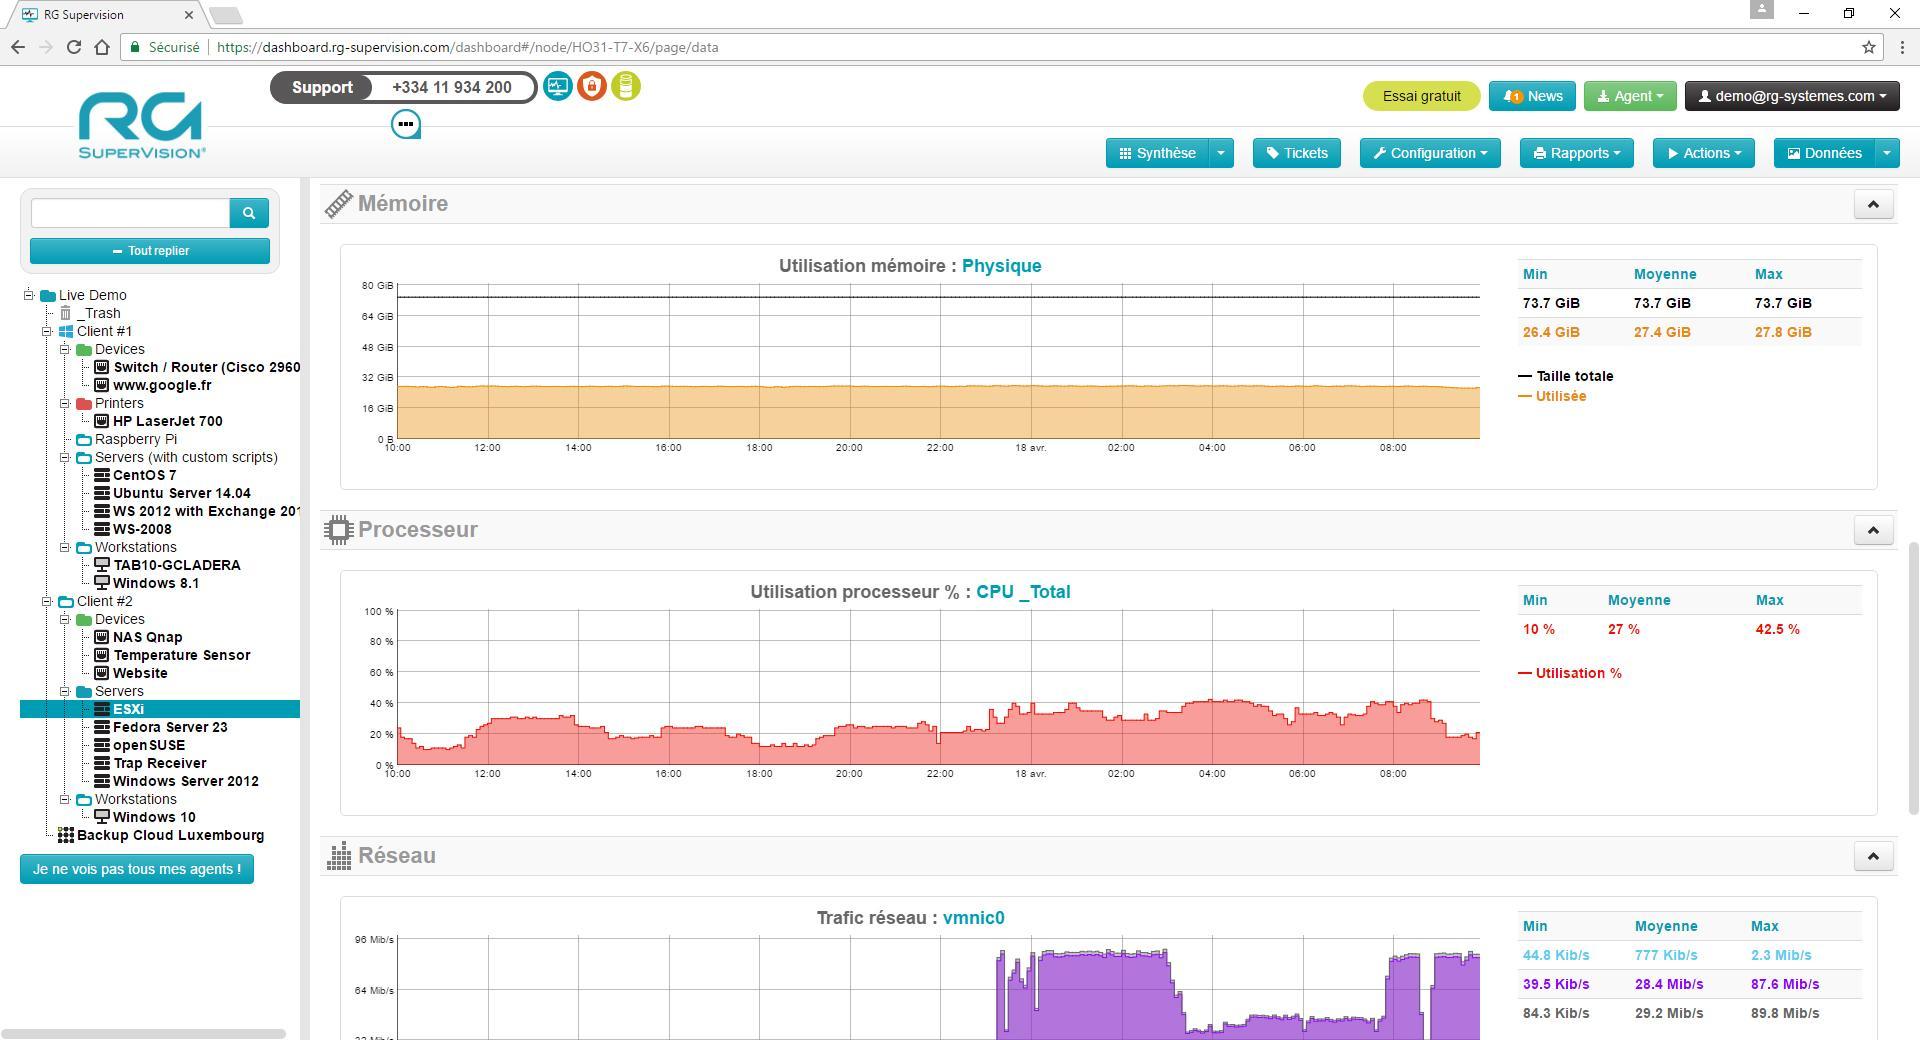 RG Supervision : visualisez sous forme de courbe l'ensemble des données remontées sur un des composants de votre parc